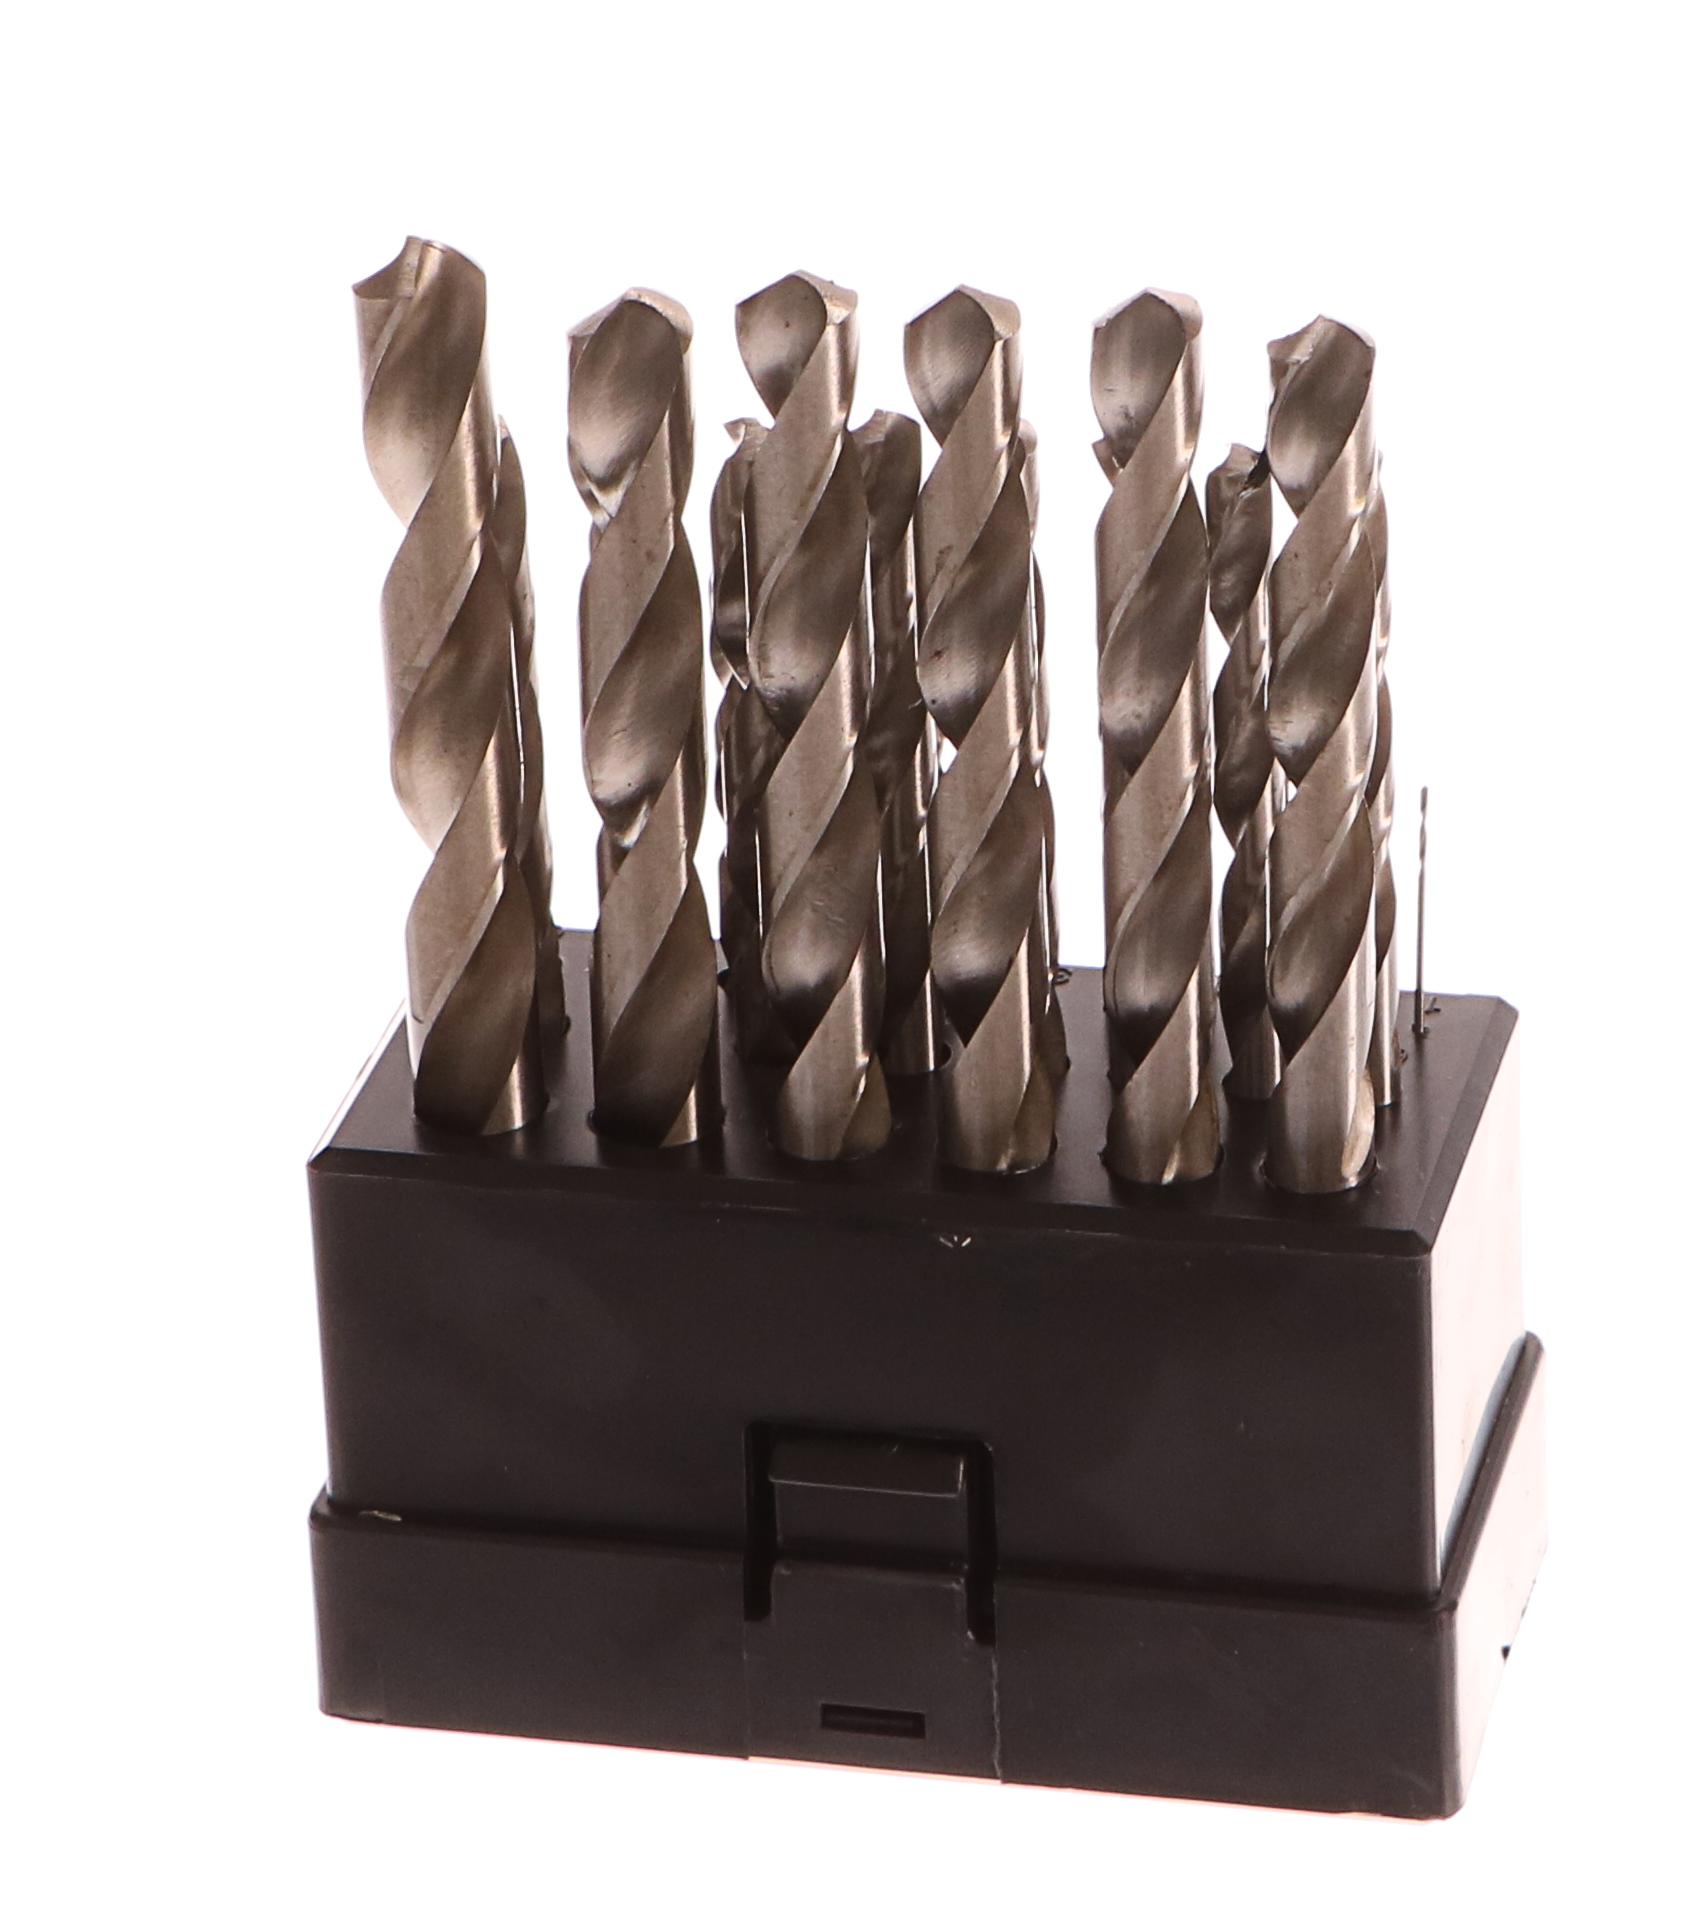 Vrtáky do kovu, sada 25ks, 1-13mm, po 0,5mm, HSS, GEKO PROFI